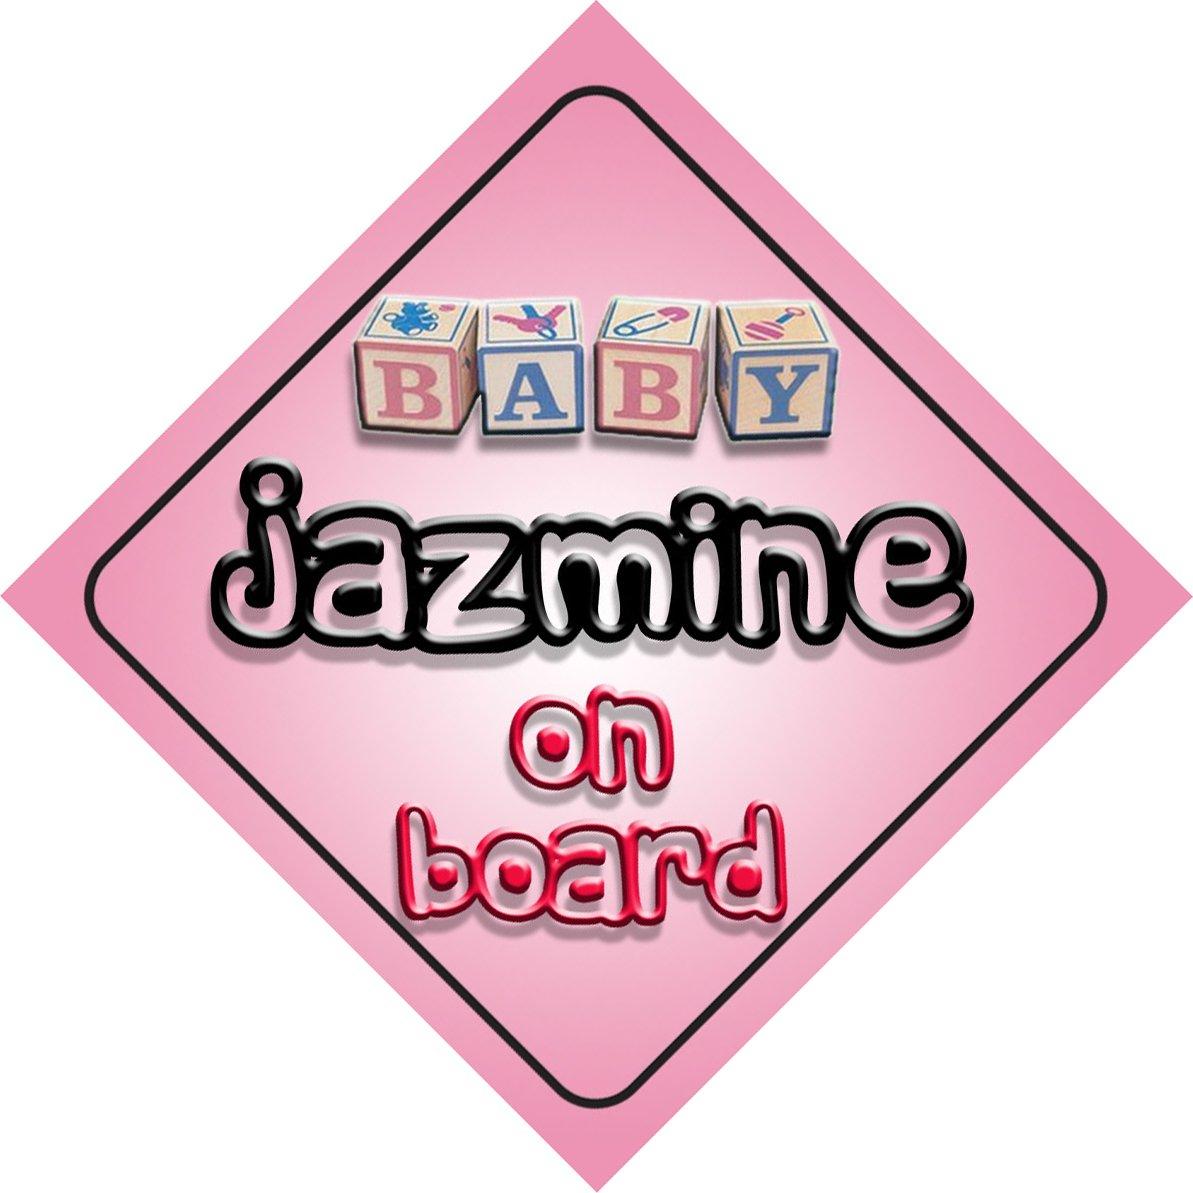 Bébé Fille Jazmine on Board fantaisie Panneau de voiture Cadeau/cadeau pour nouveau/enfant nouveau-né